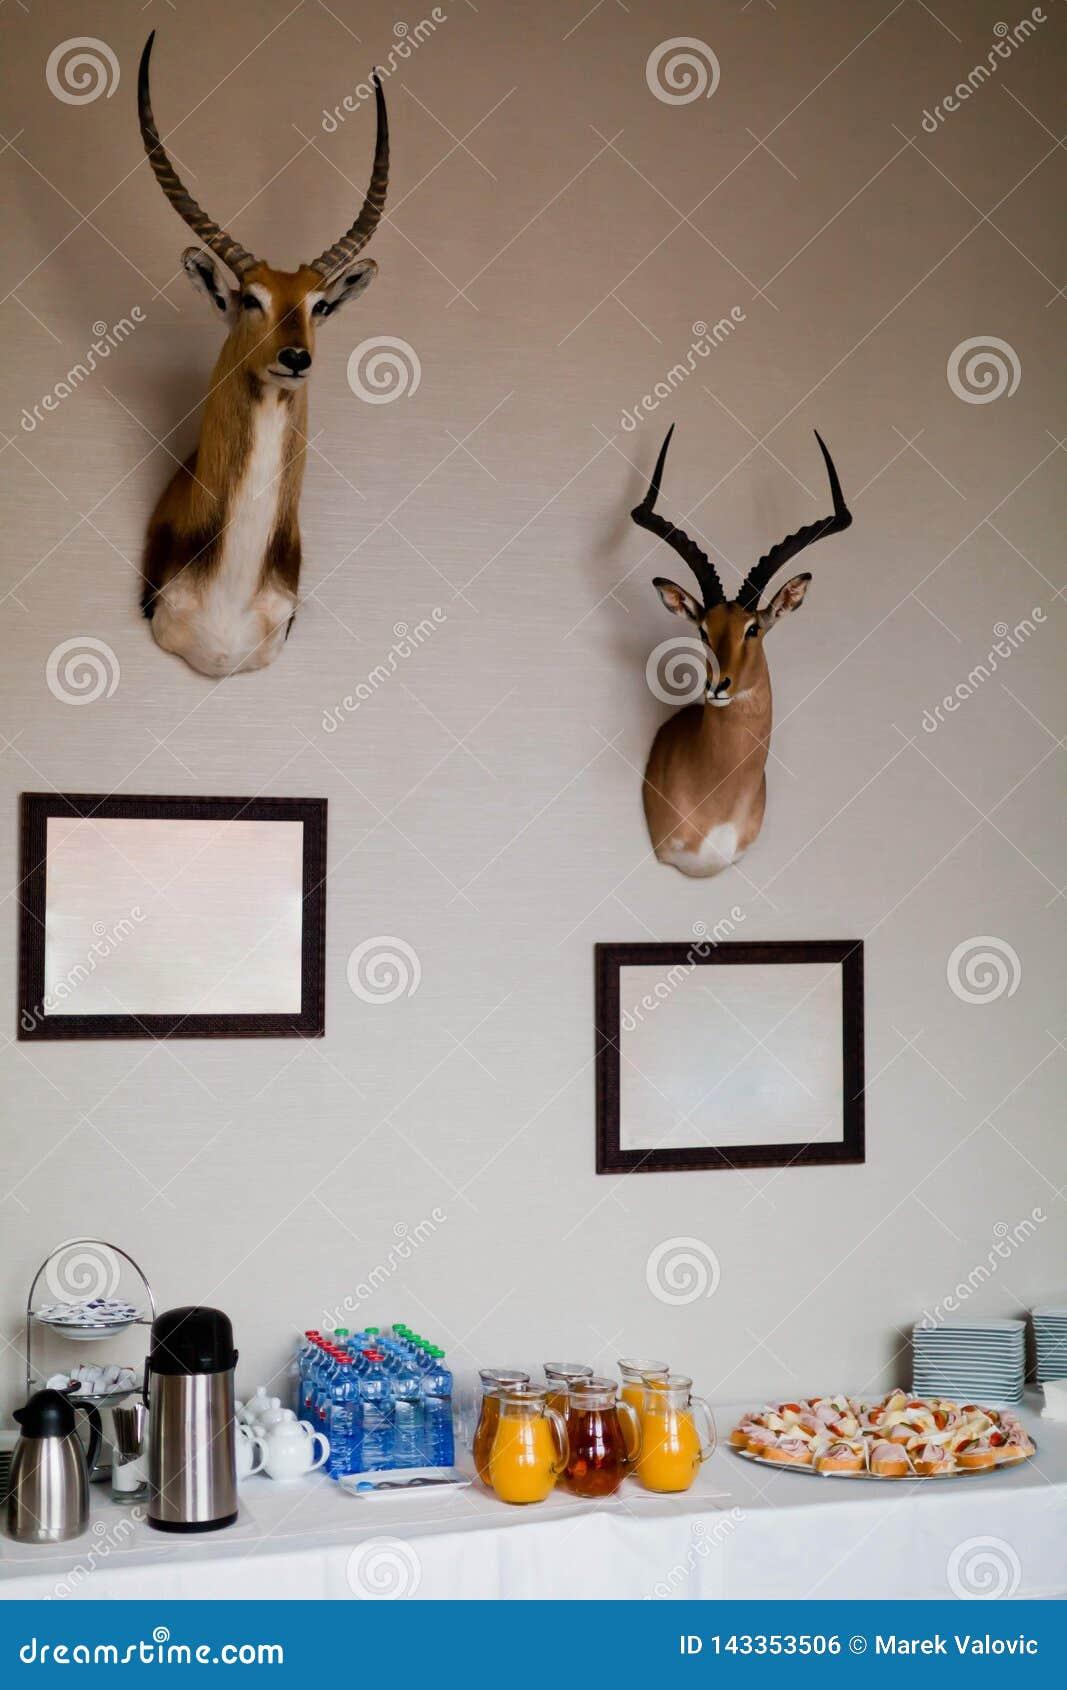 Due trofei di antilope sulla parete sopra la pausa caffè